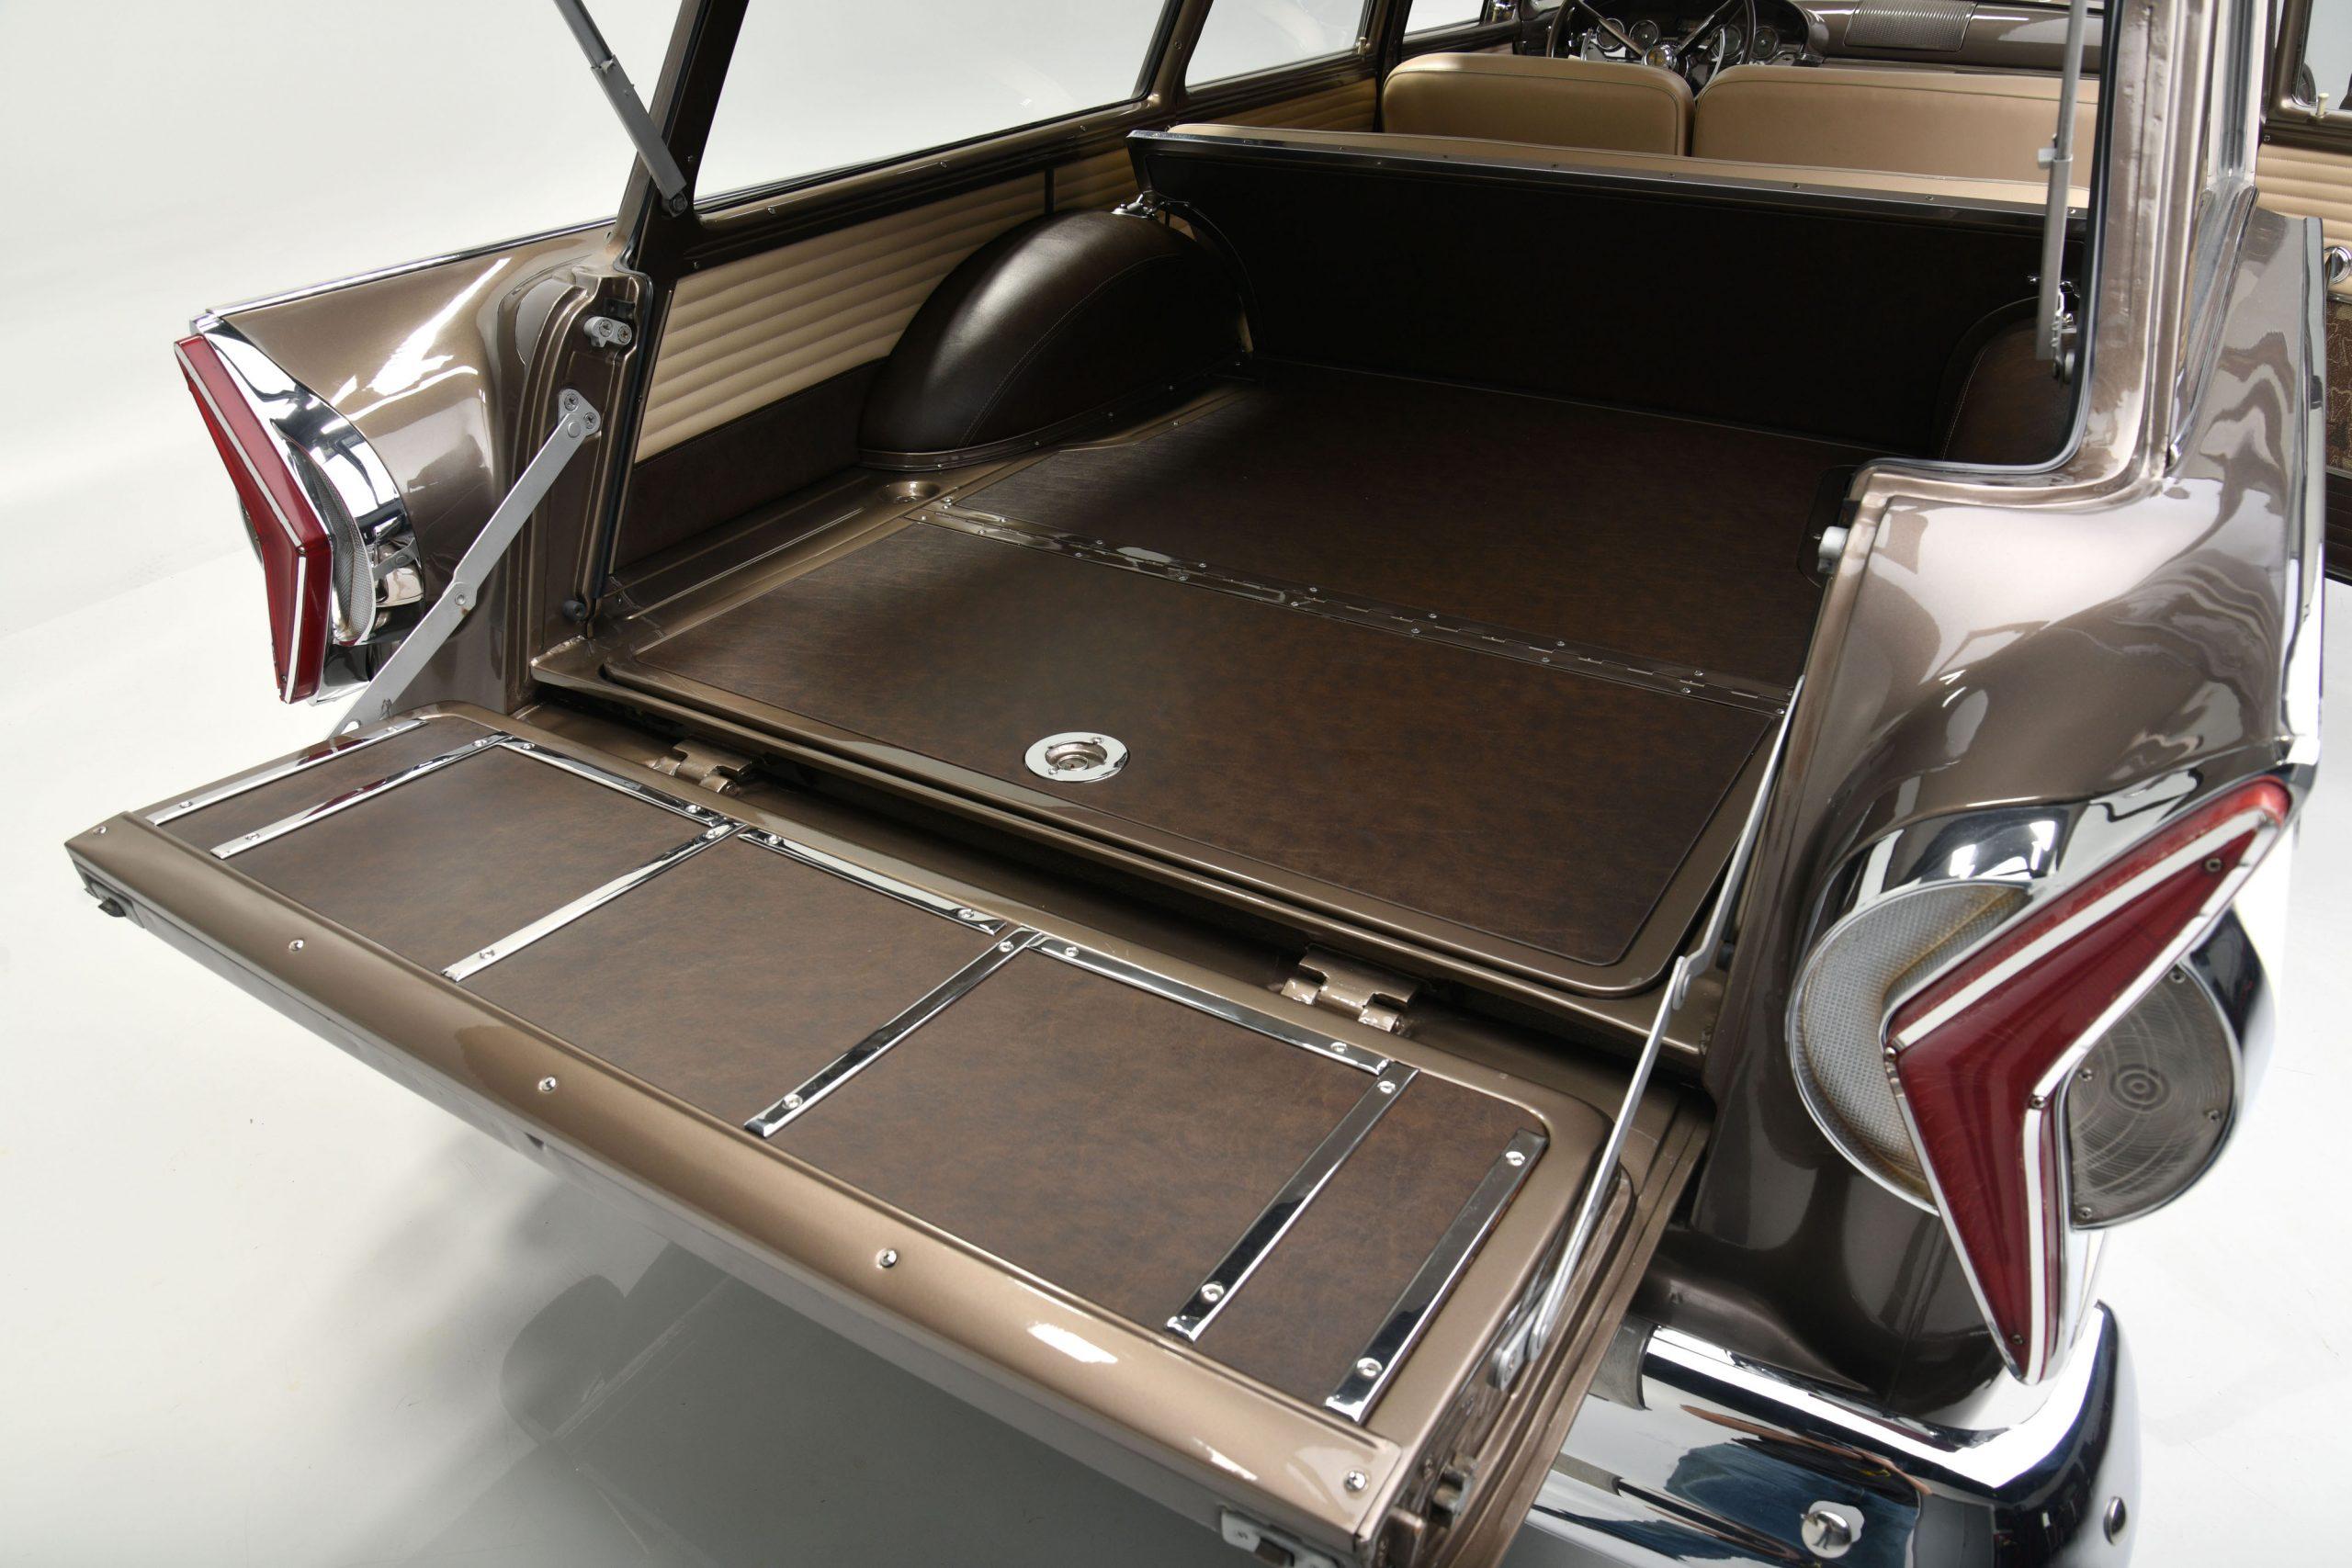 1958 EDSEL BERMUDA WAGON interior rear cargo